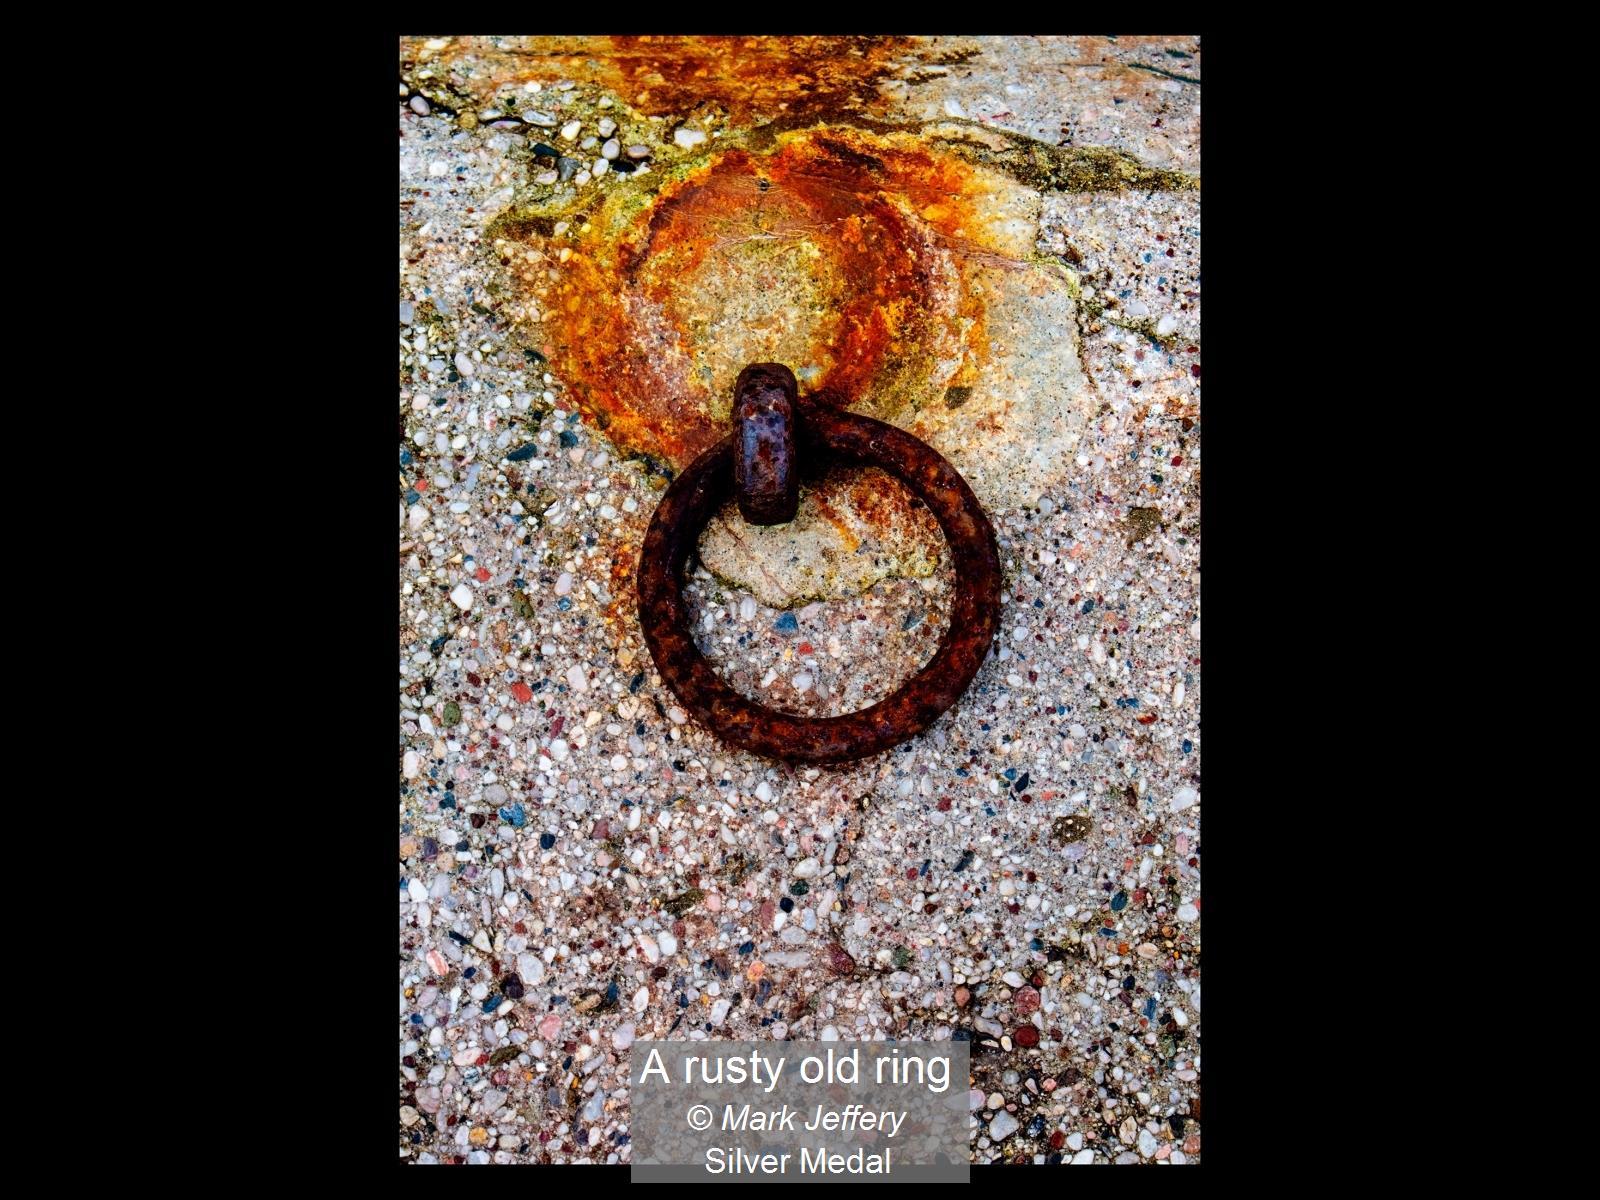 A rusty old ring_Mark Jeffery_Silver